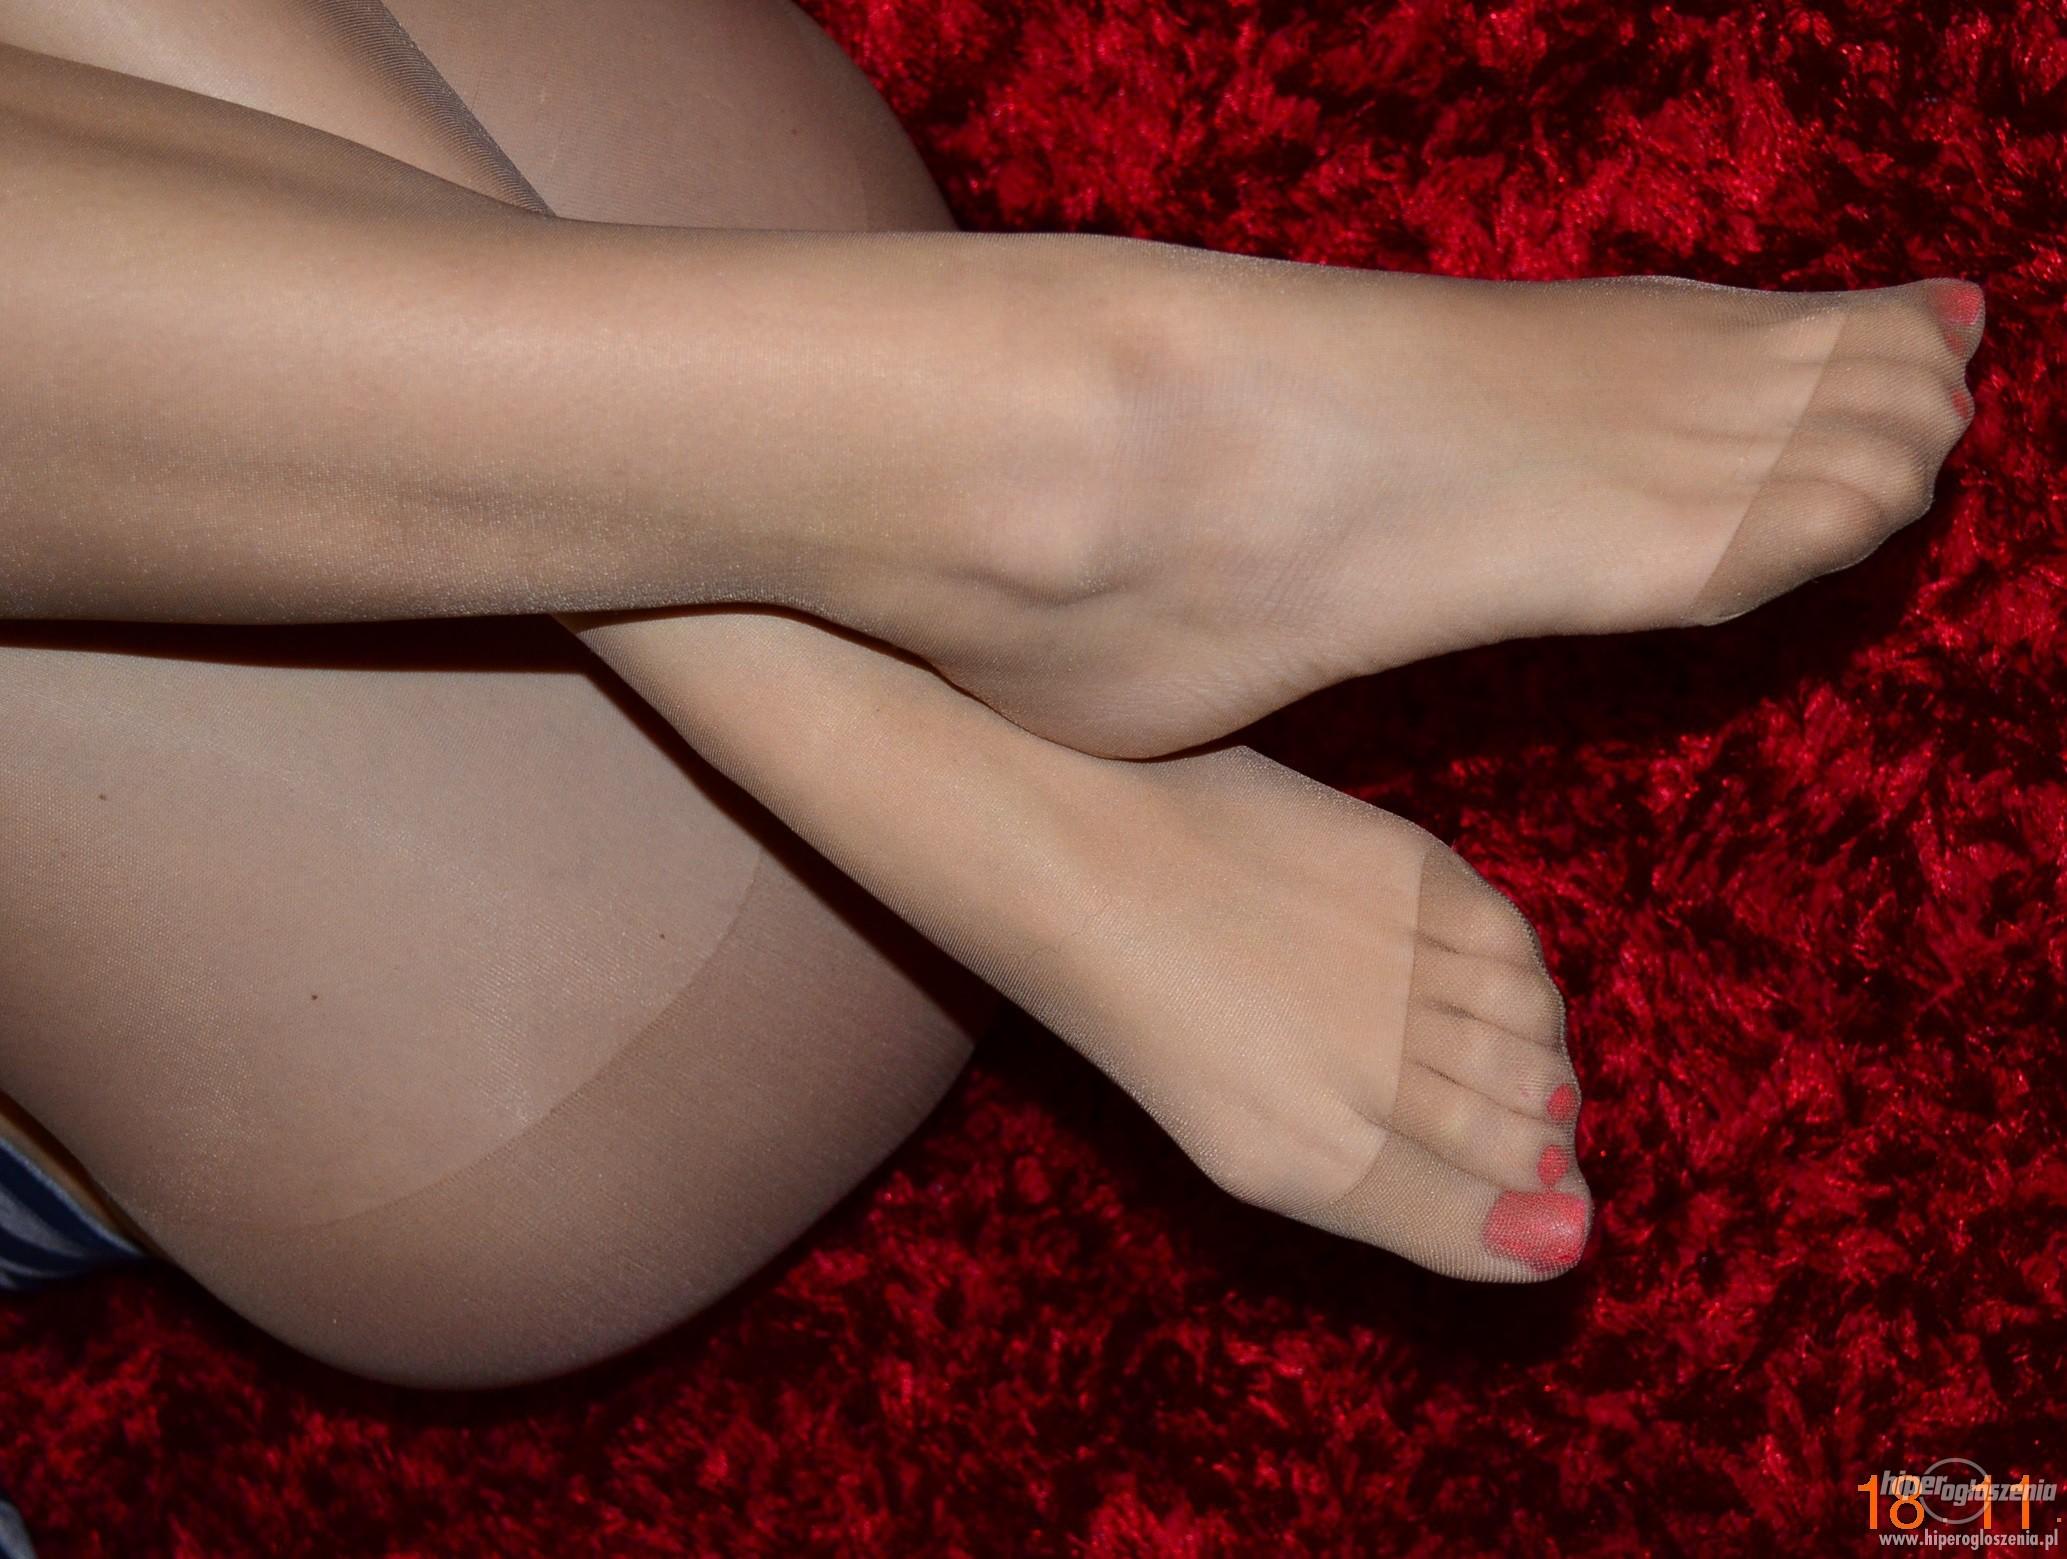 Фото пальчики ног в капроне, групповуха порнуха много фото